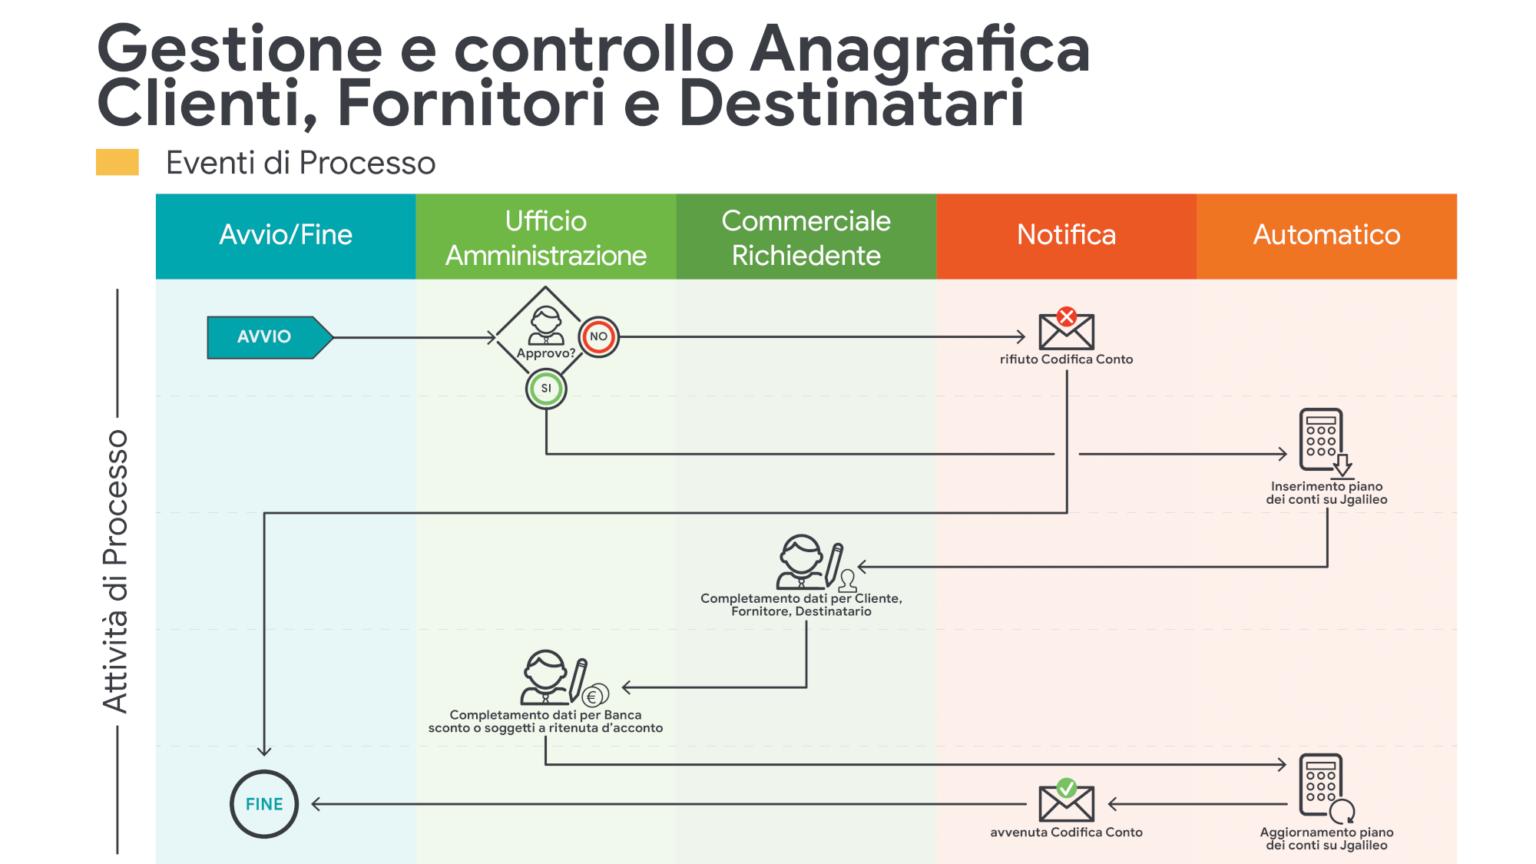 JPA_Gestione e controllo Anagrafica Clienti, Fornitori e Destinatari